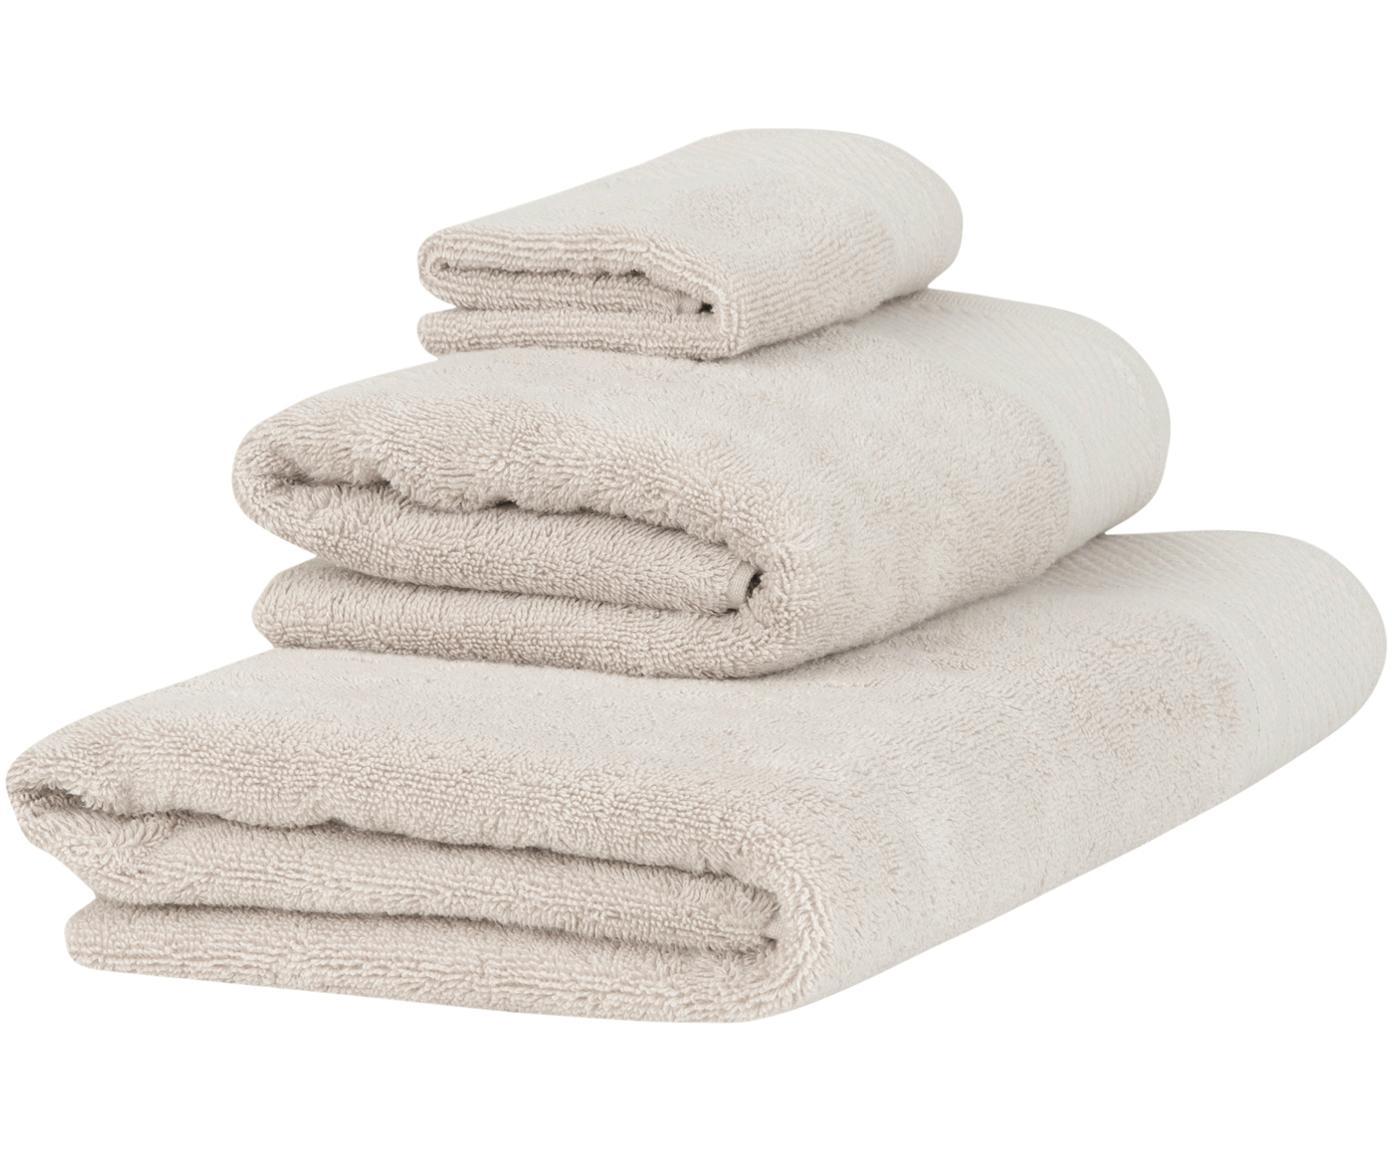 Handtuch-Set Premium mit klassischer Zierbordüre, 3-tlg., Beige, Verschiedene Grössen